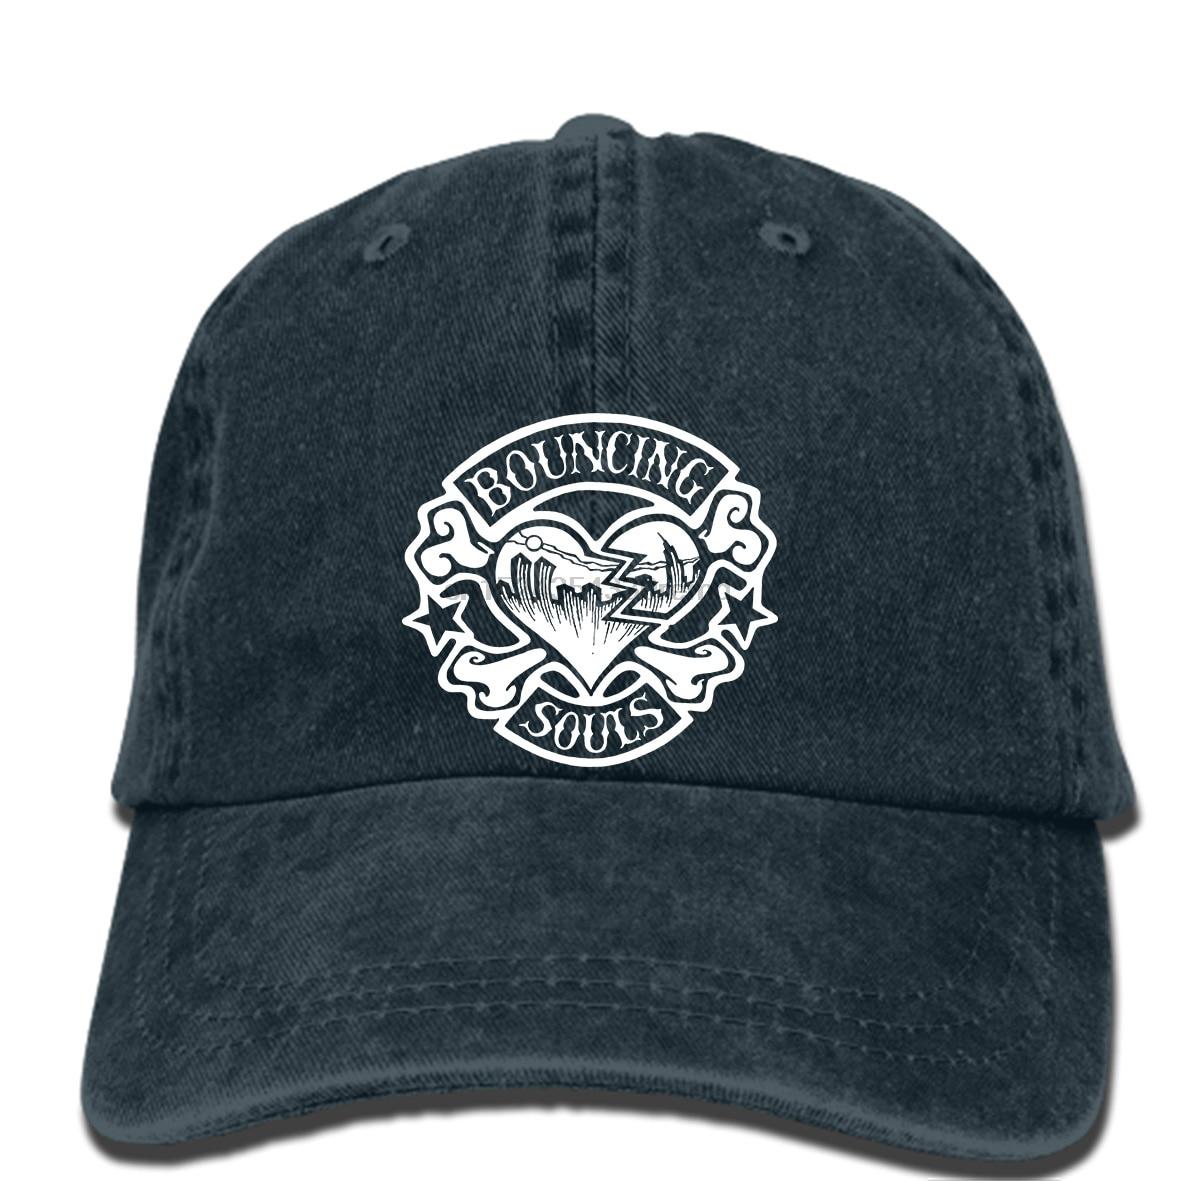 Apparel Accessories Men's Baseball Caps Hip Hop Baseball Caps The Bouncing Souls Cap New Brunswick American Punk Rock Band Black New Hat